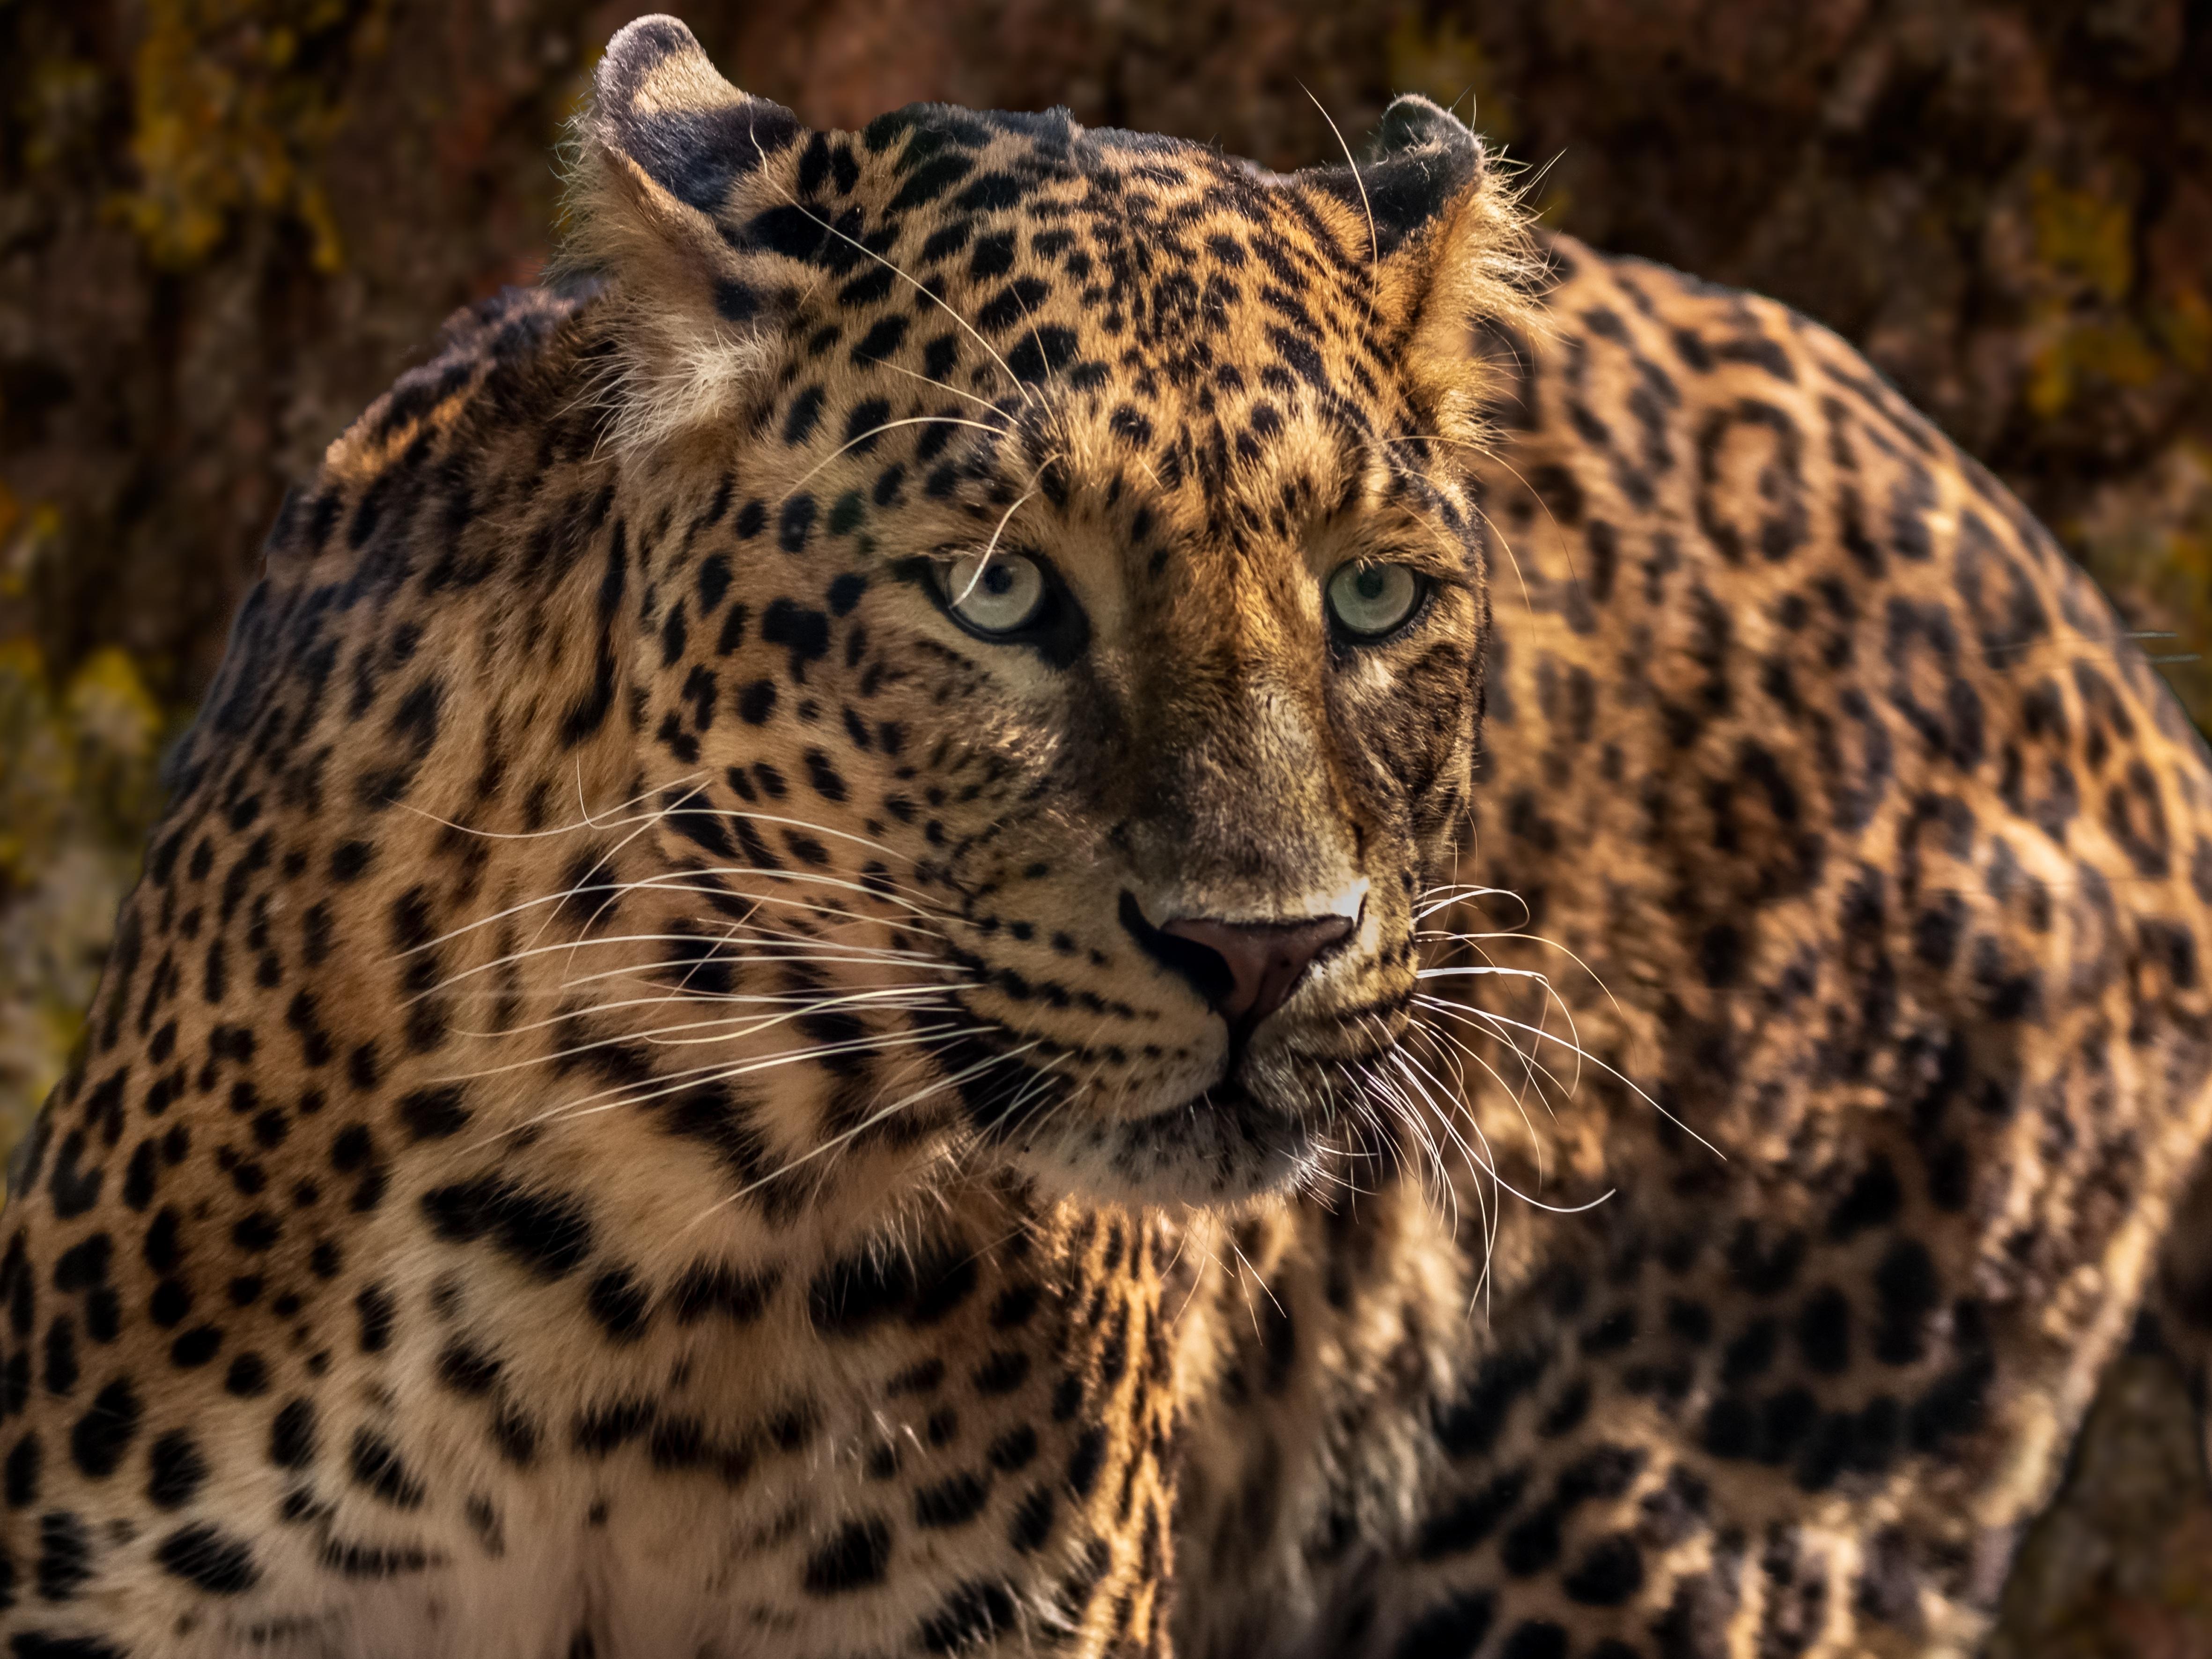 141369 скачать обои Крупный План, Хищник, Животные, Морда, Большая Кошка, Ягуар, Дикий - заставки и картинки бесплатно